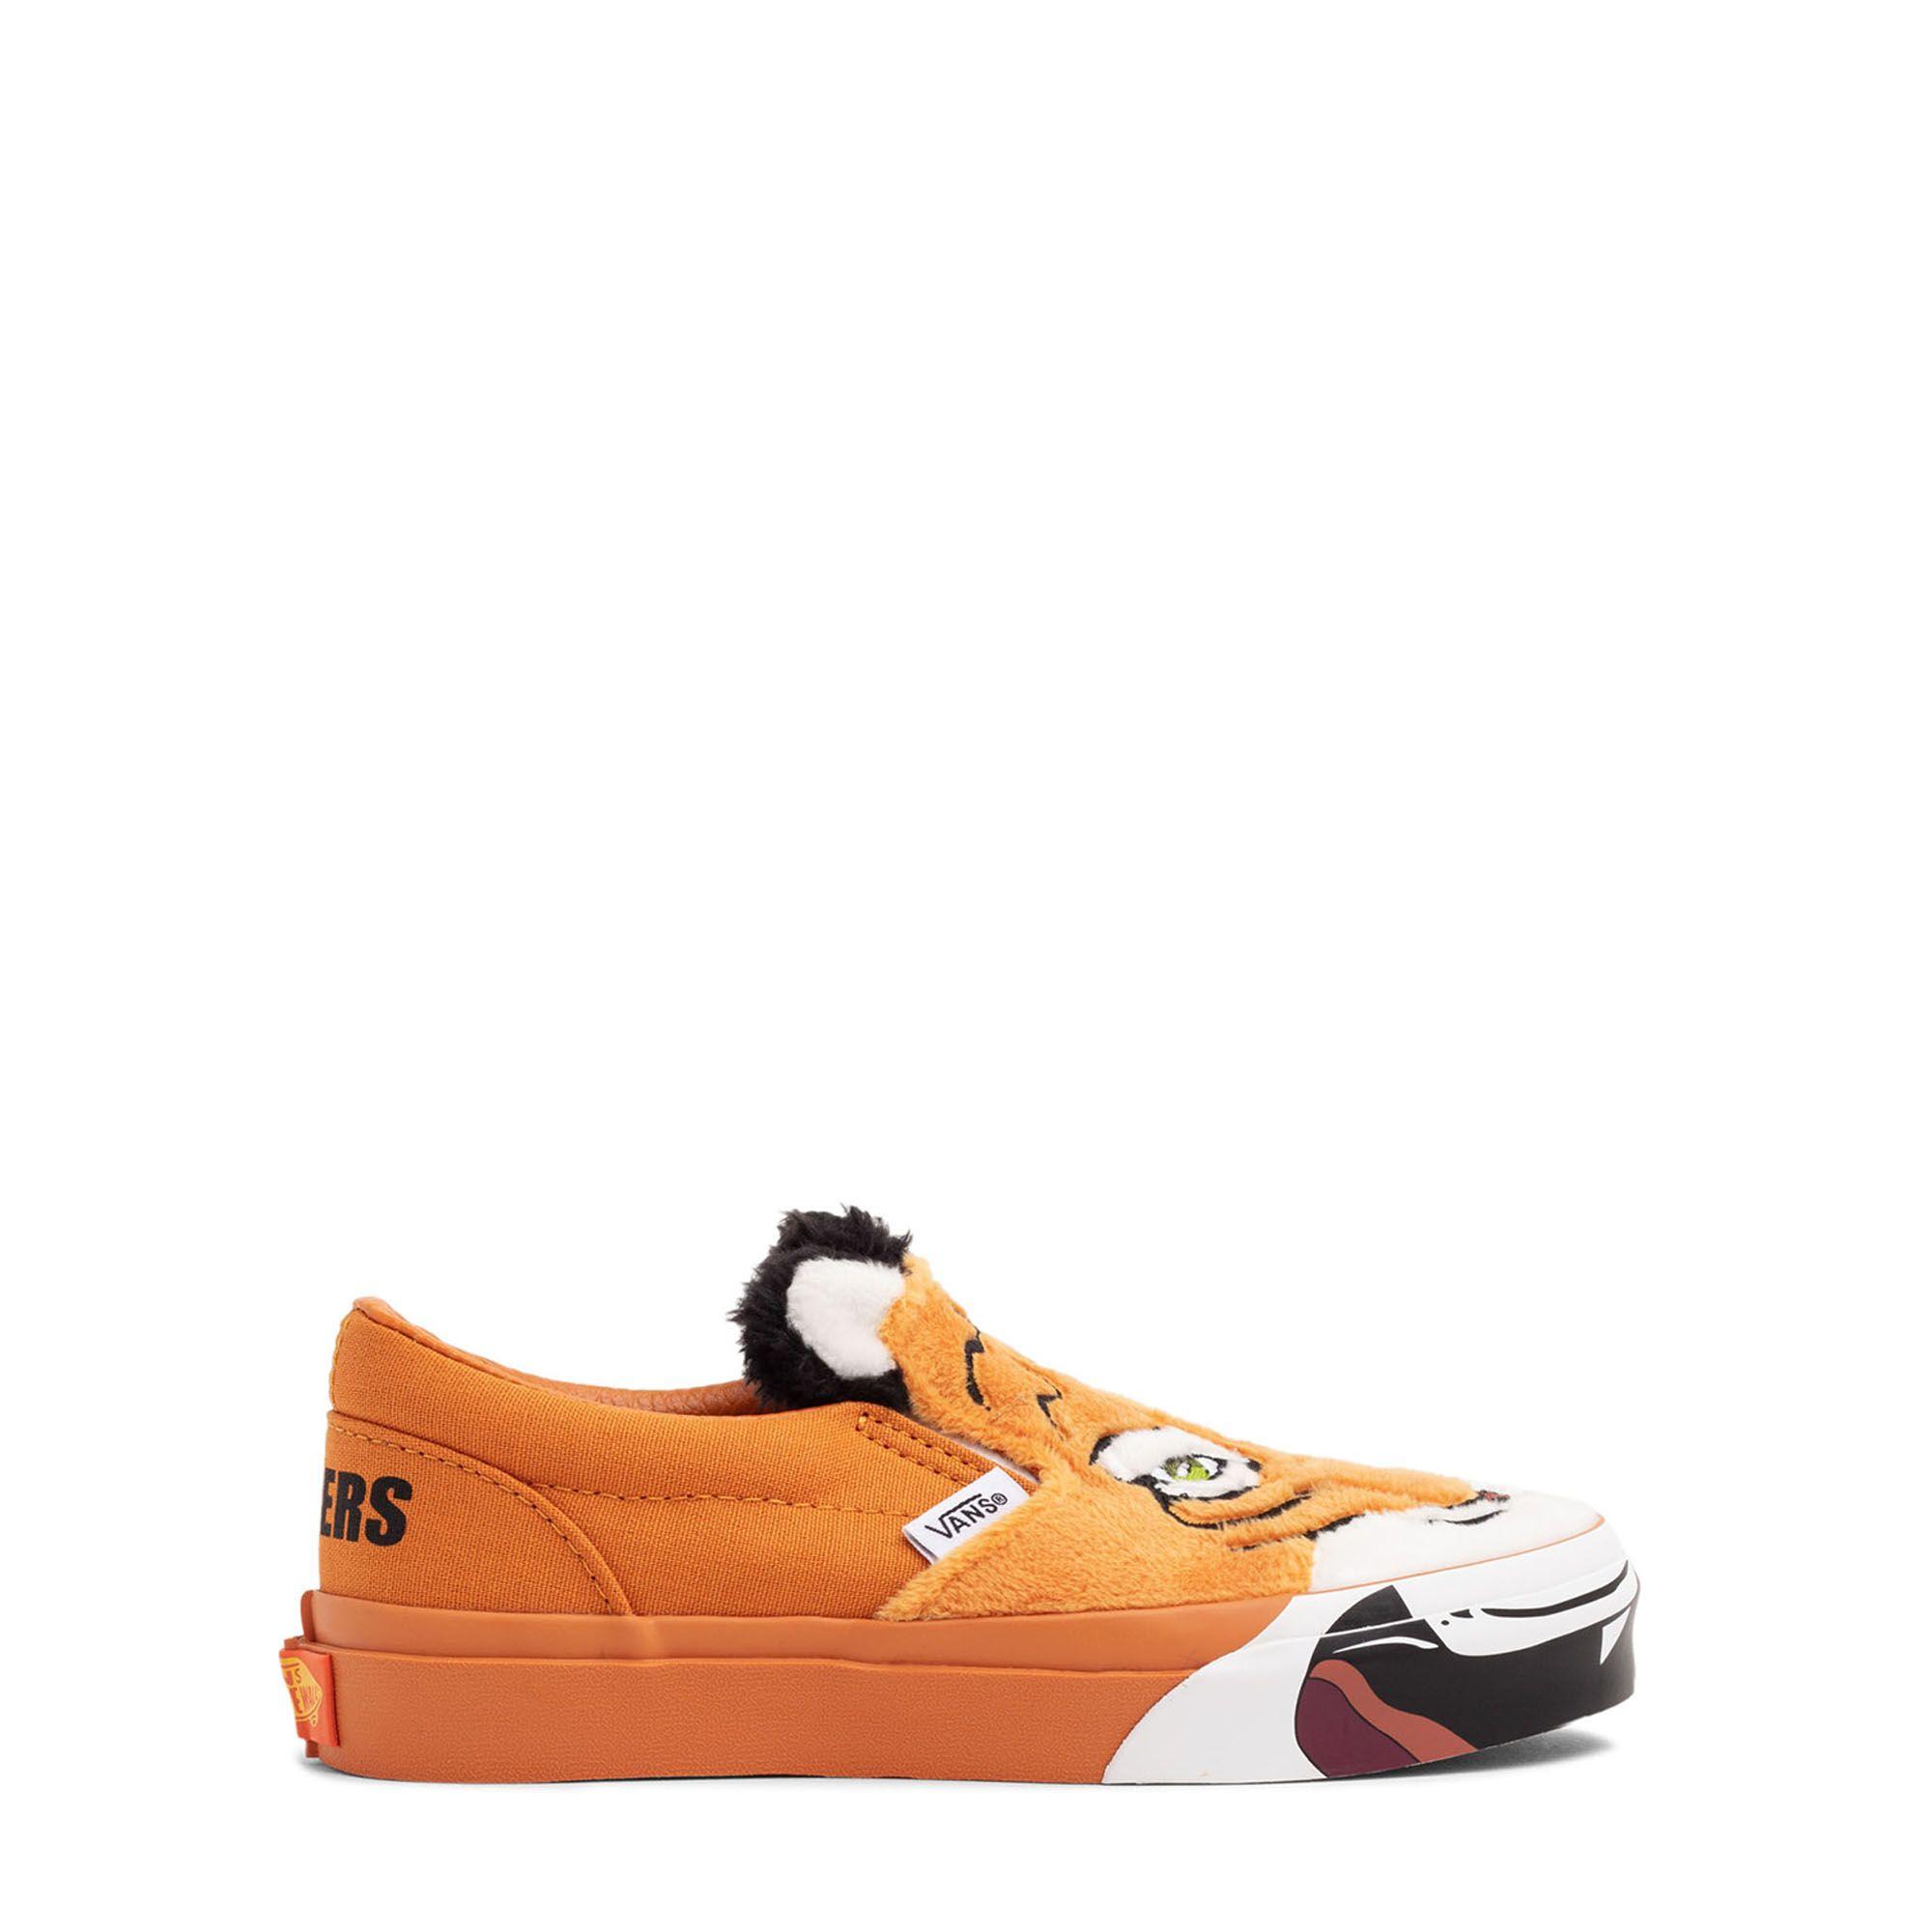 حذاء وايلد تايجر الرياضي بدون أربطة